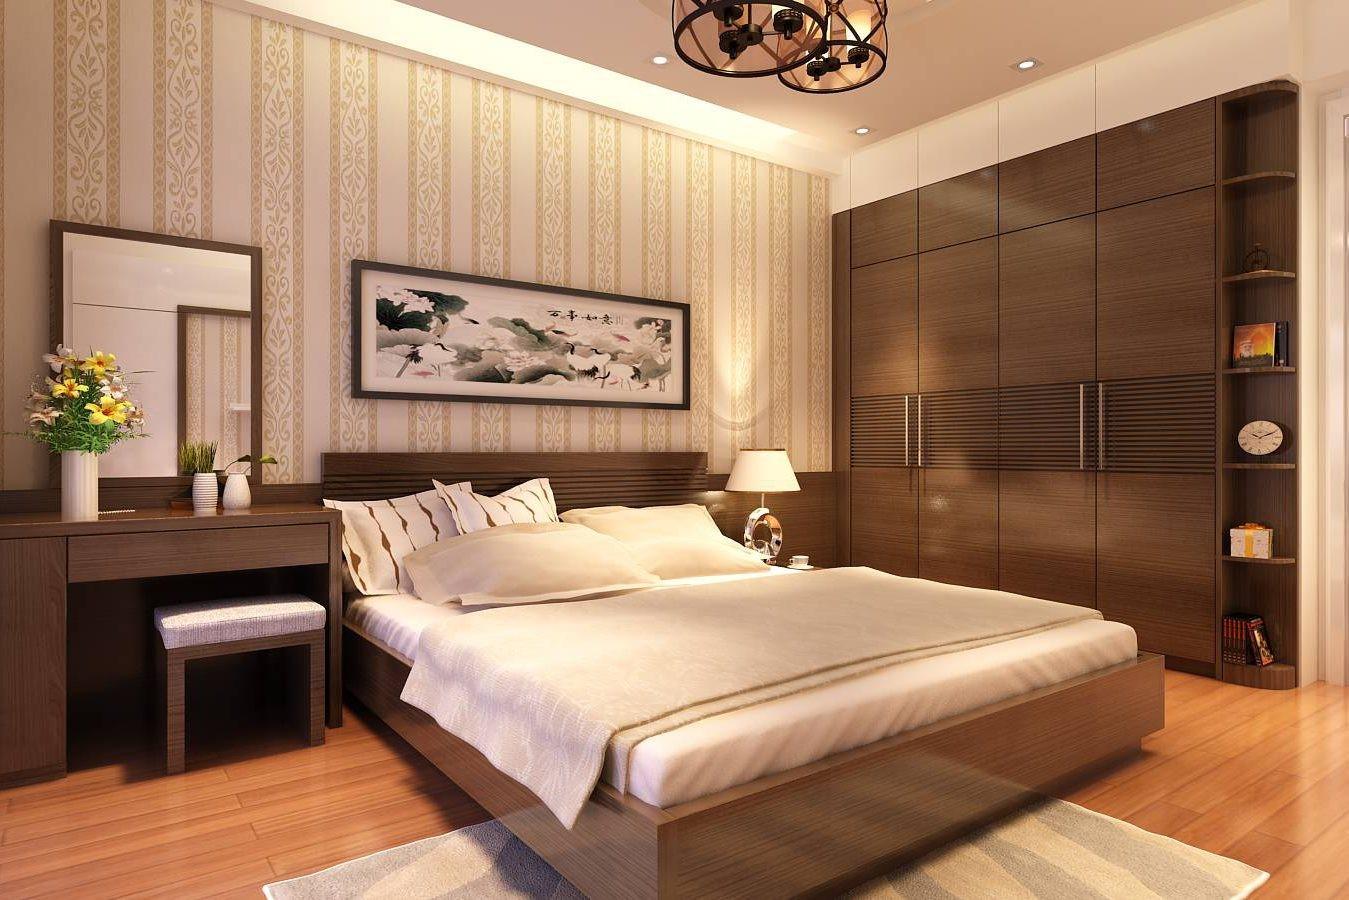 Phòng ngủ master của vợ chồng gia chủ đậm chất truyền thống với bảng màu nâu, be chủ đạo mang lại cảm giác bình yên và thư giãn.